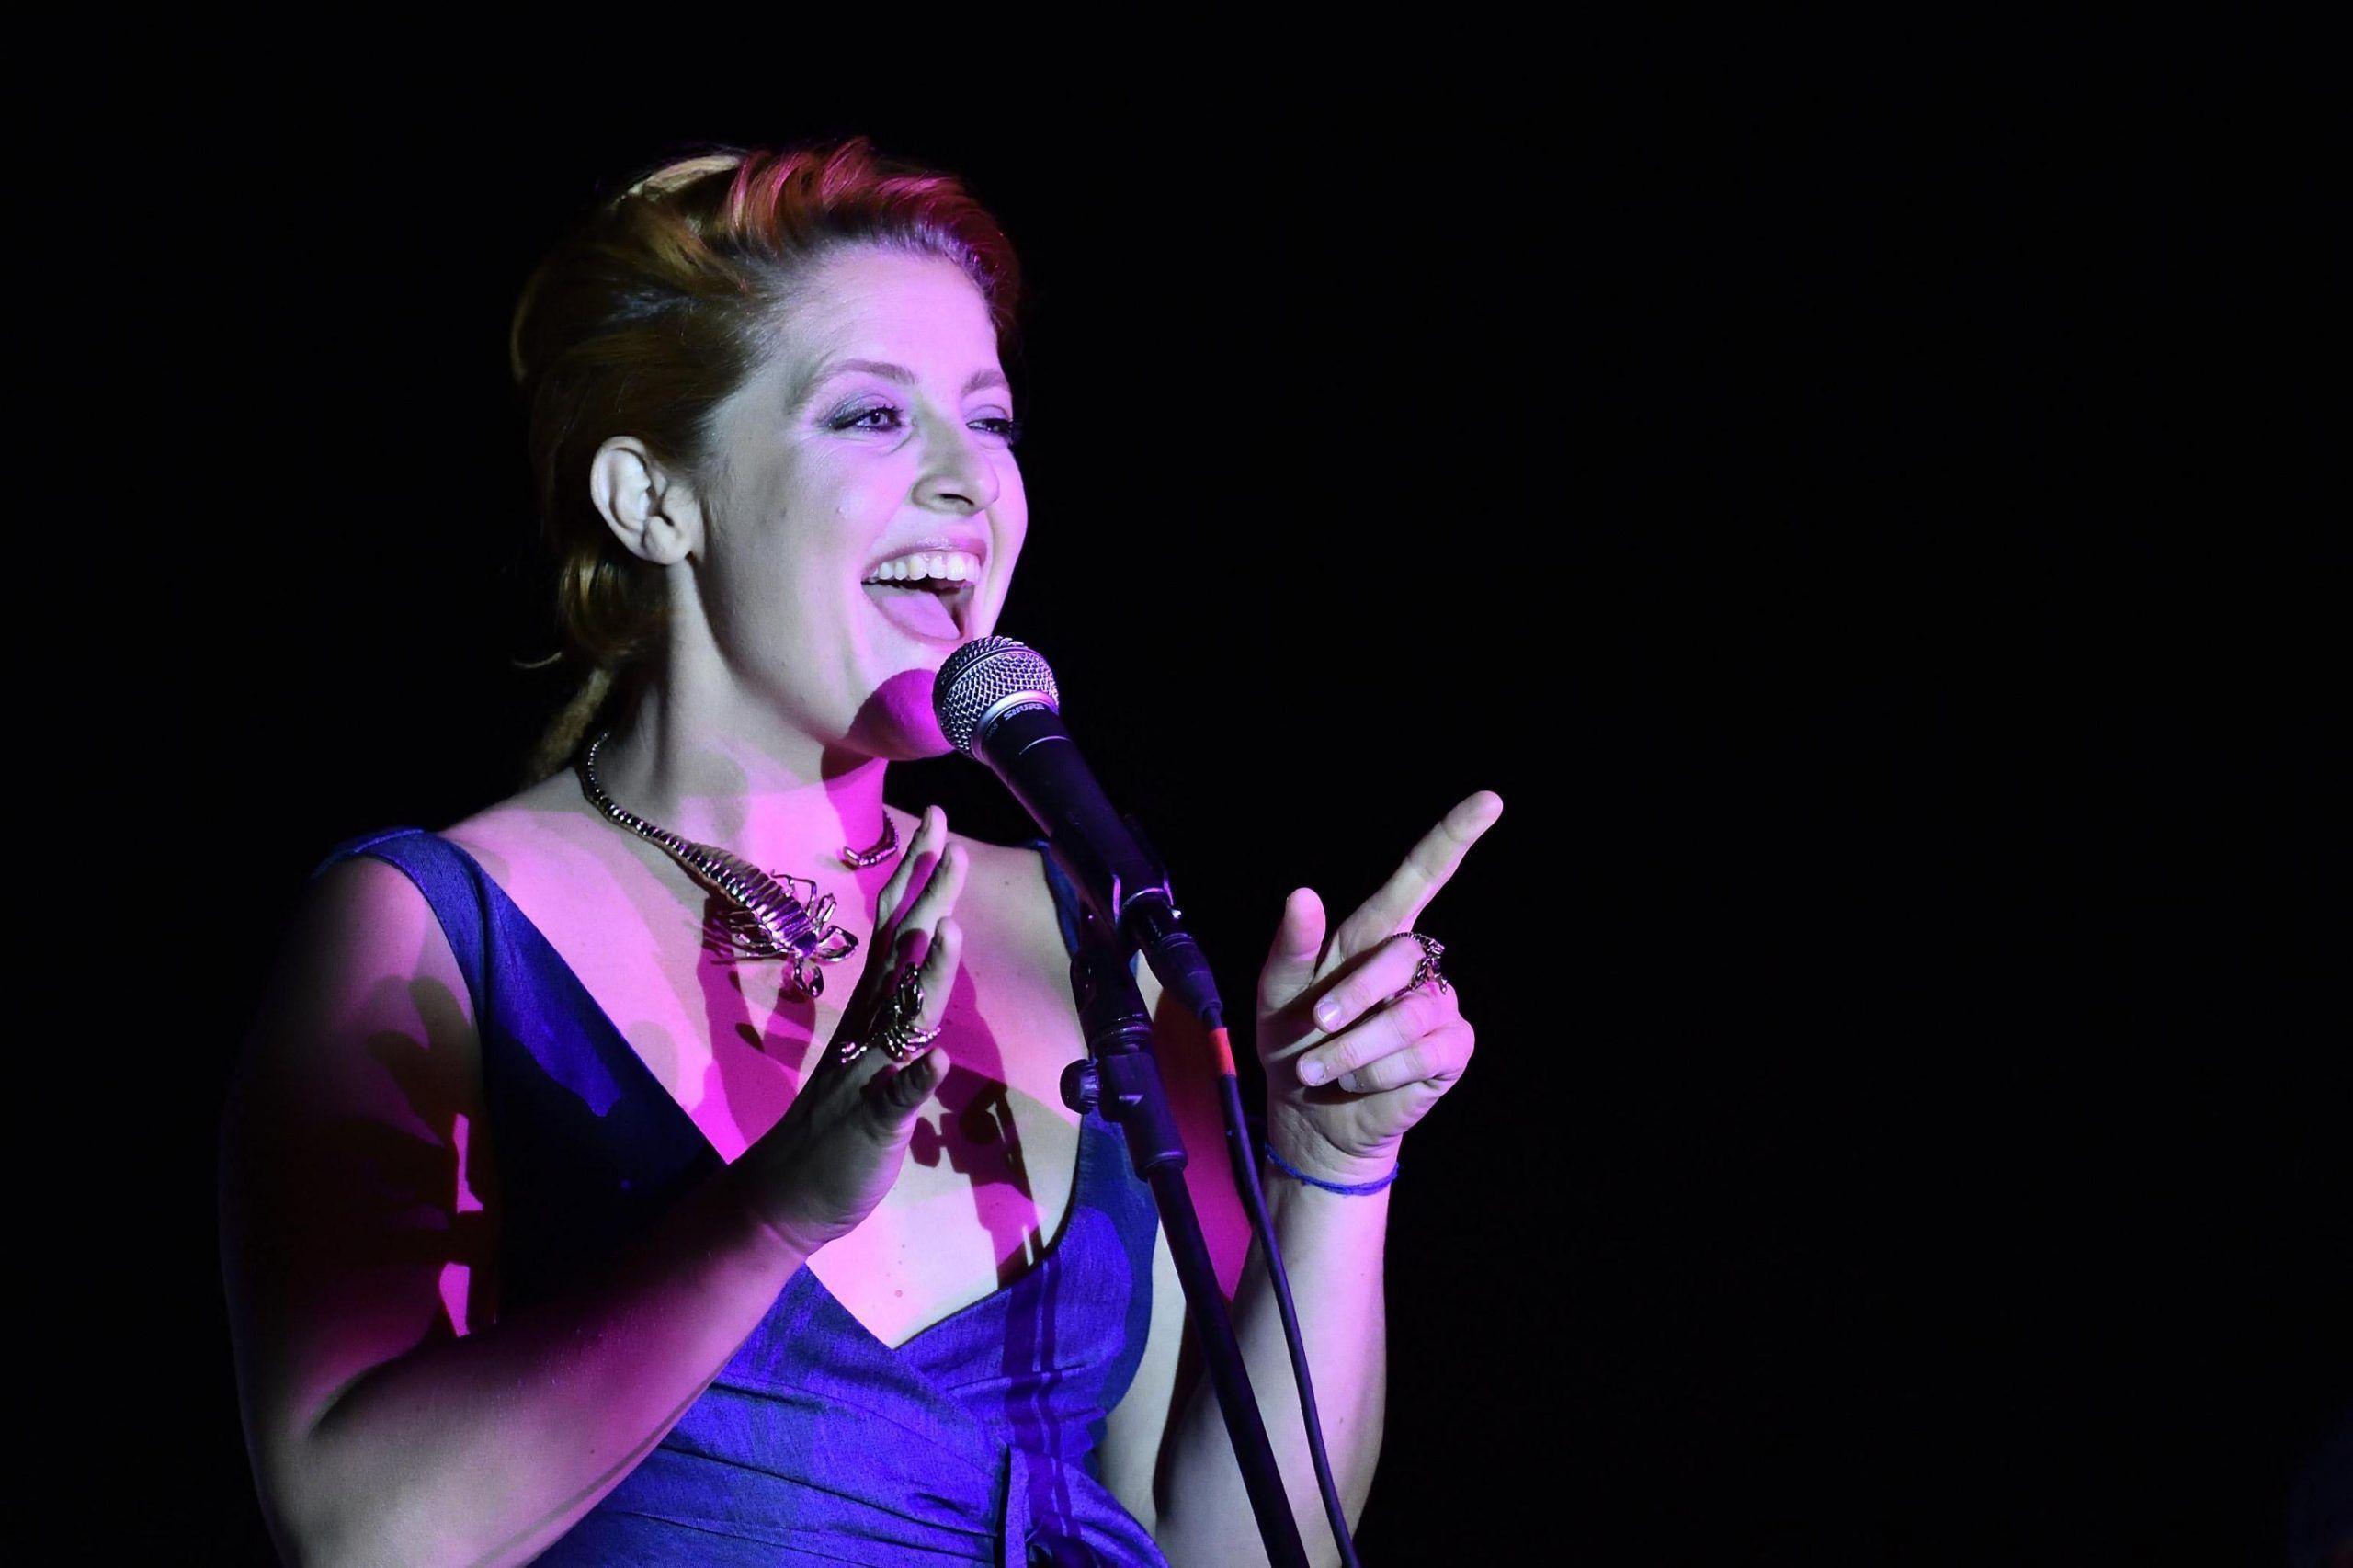 Noemi, la cantante confessa: 'Sono andata in analisi'